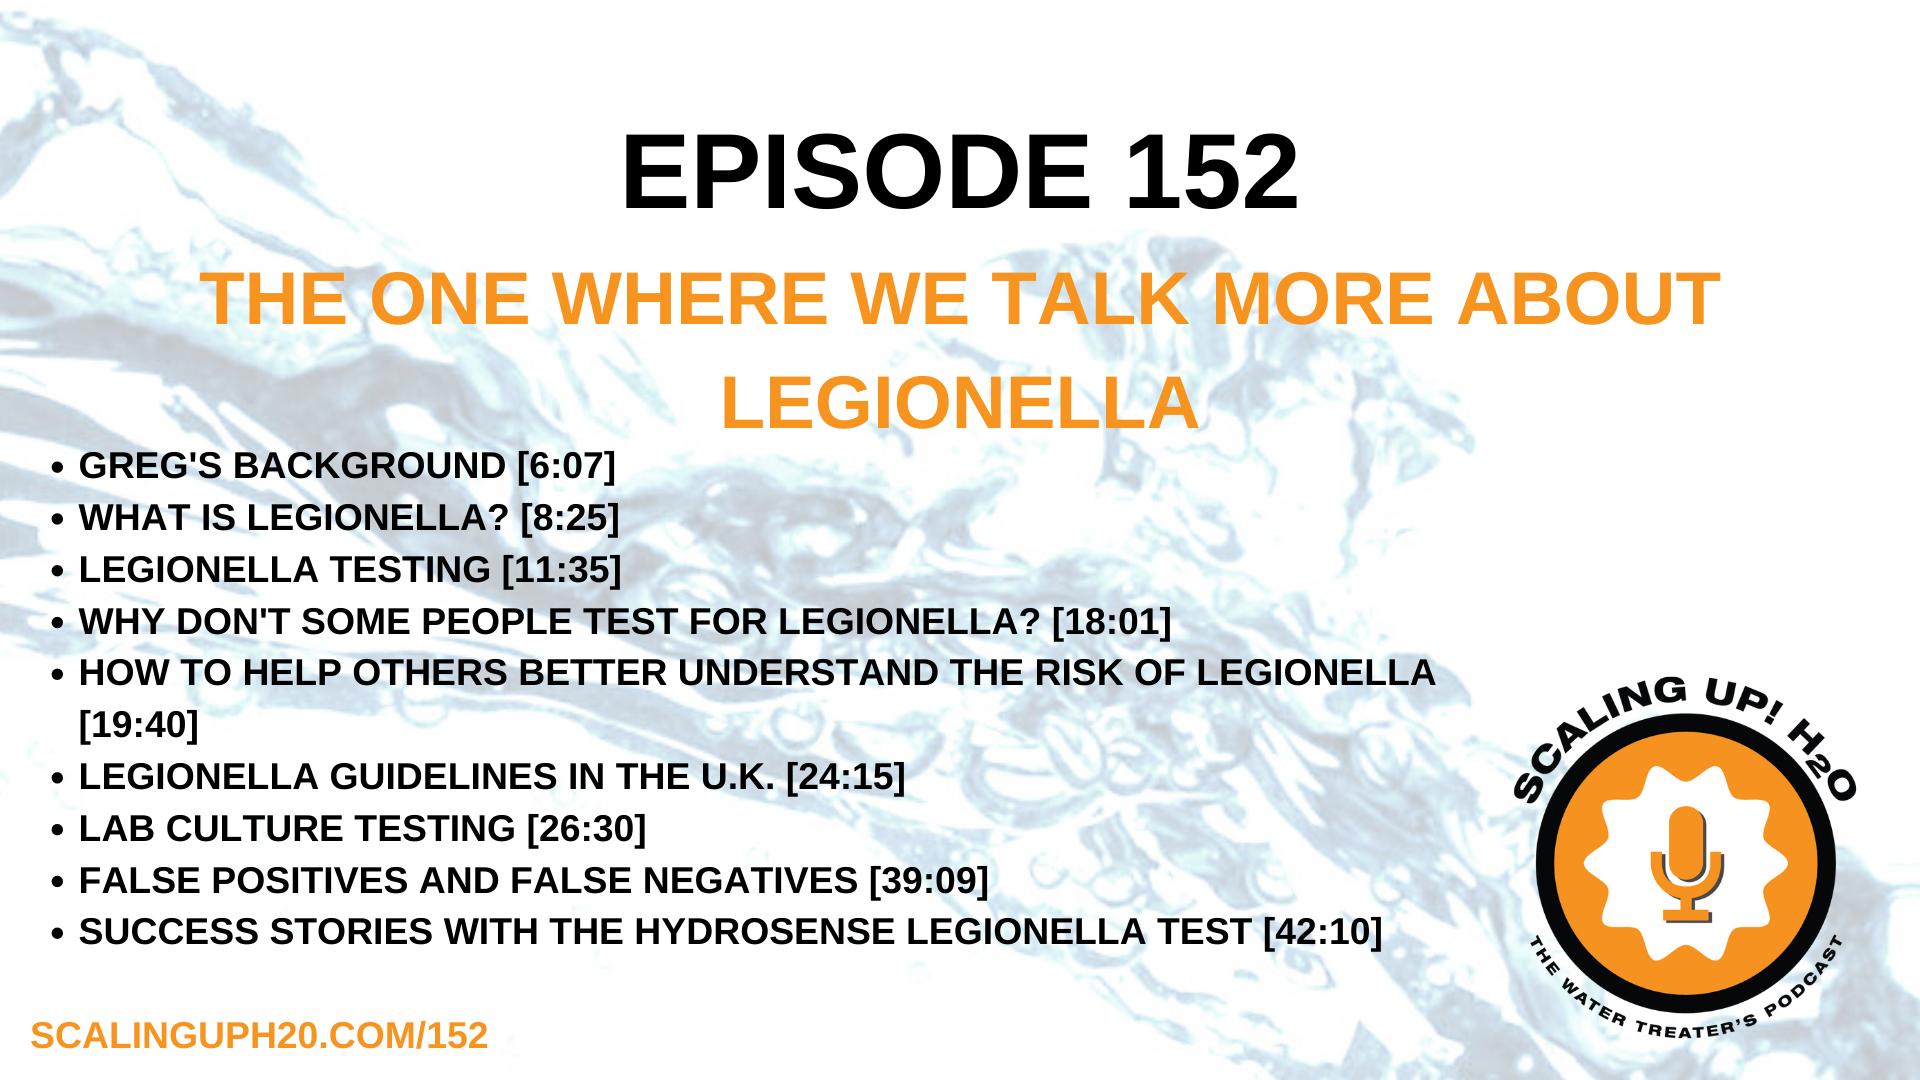 Legionella, legionnaires, legionnaires disease stagnant water, Legionella and legionnaires disease, hydrosense, legionella testing